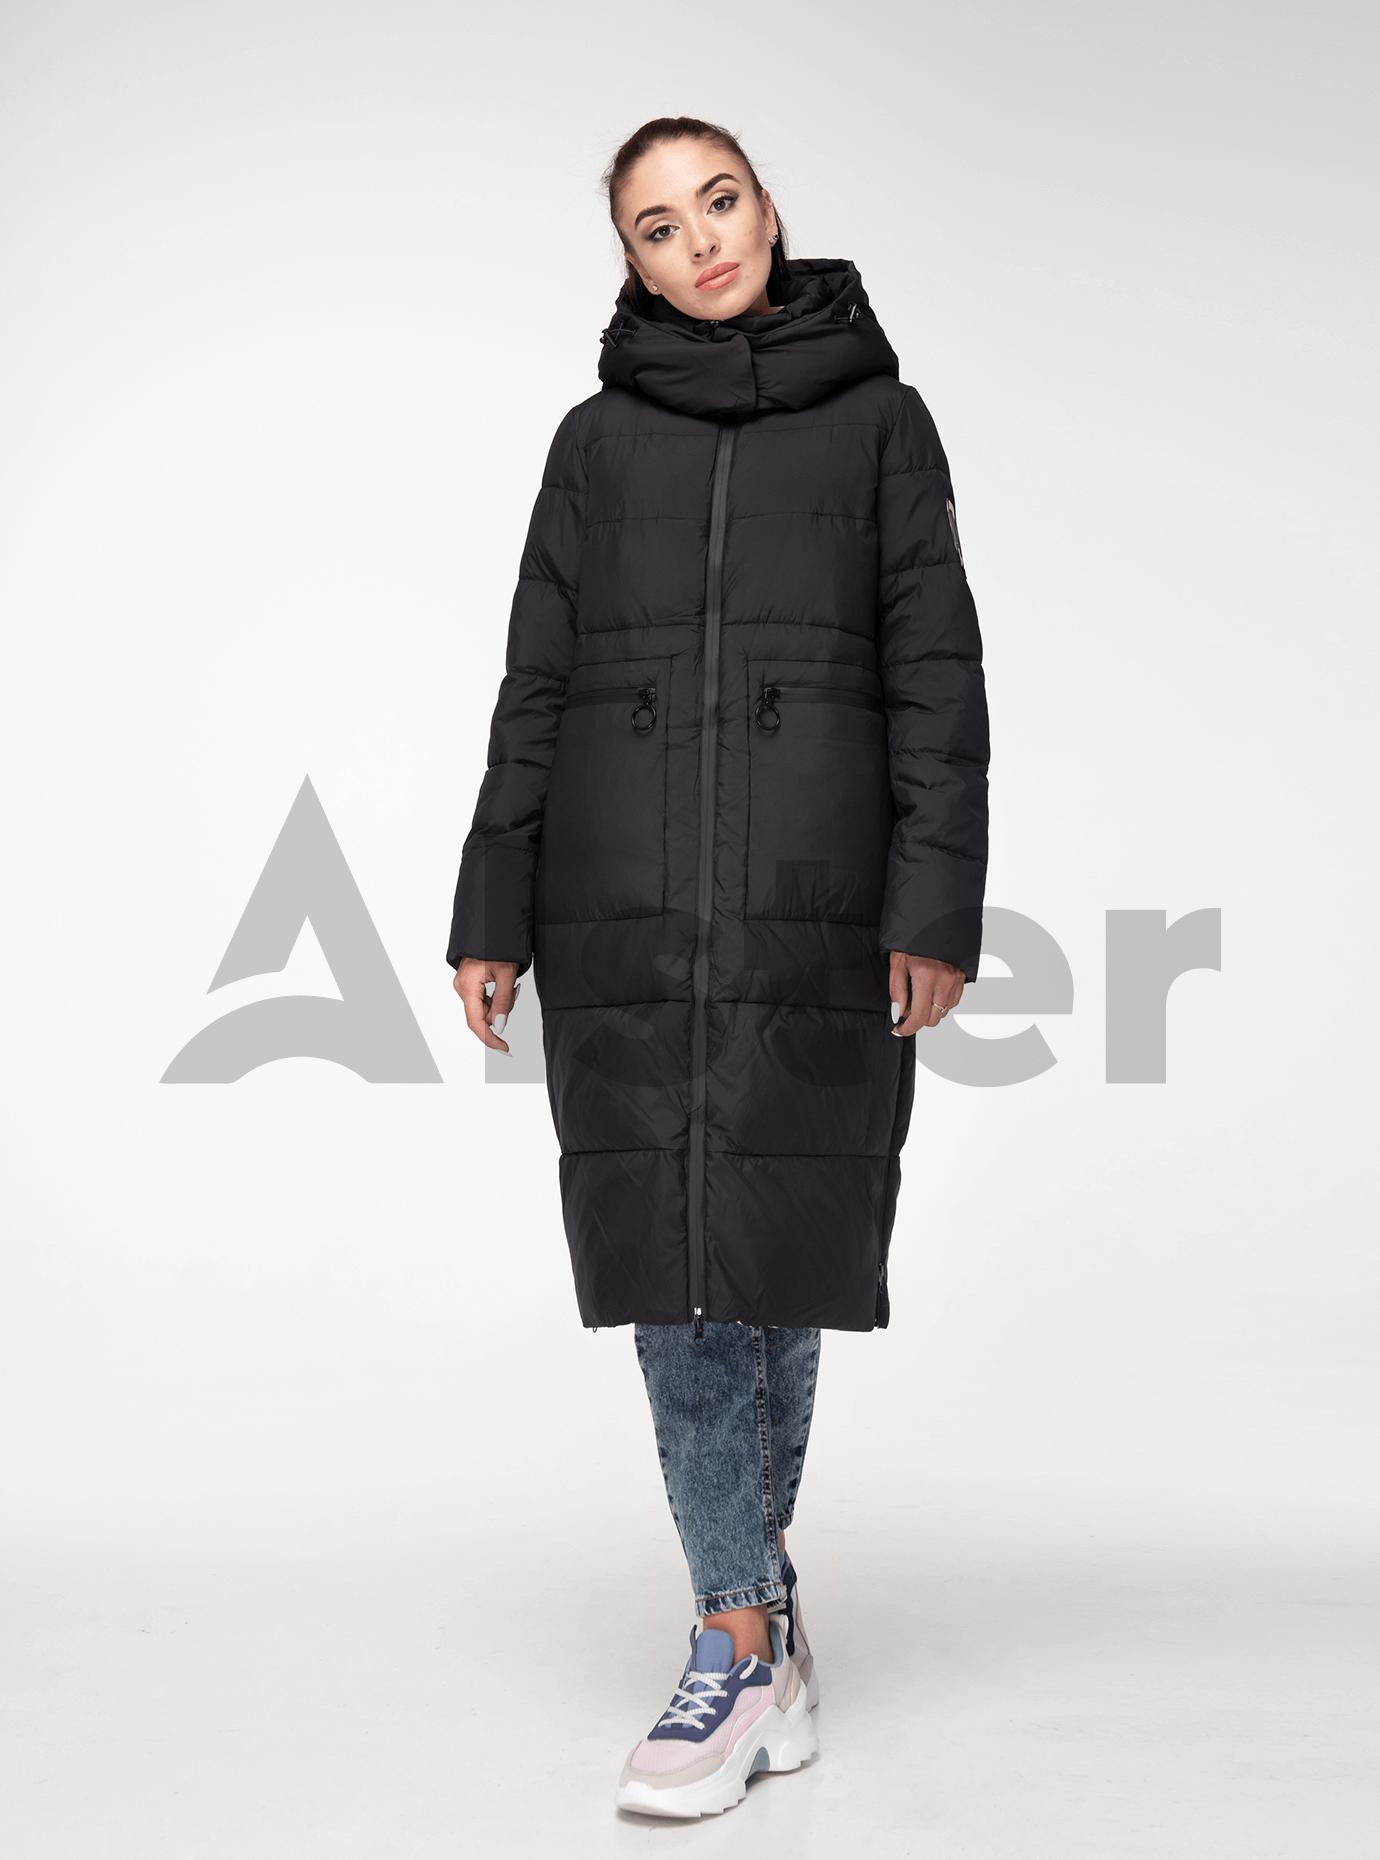 Куртка жіноча зимова довга Чорний M (05-T19088): фото - Alster.ua